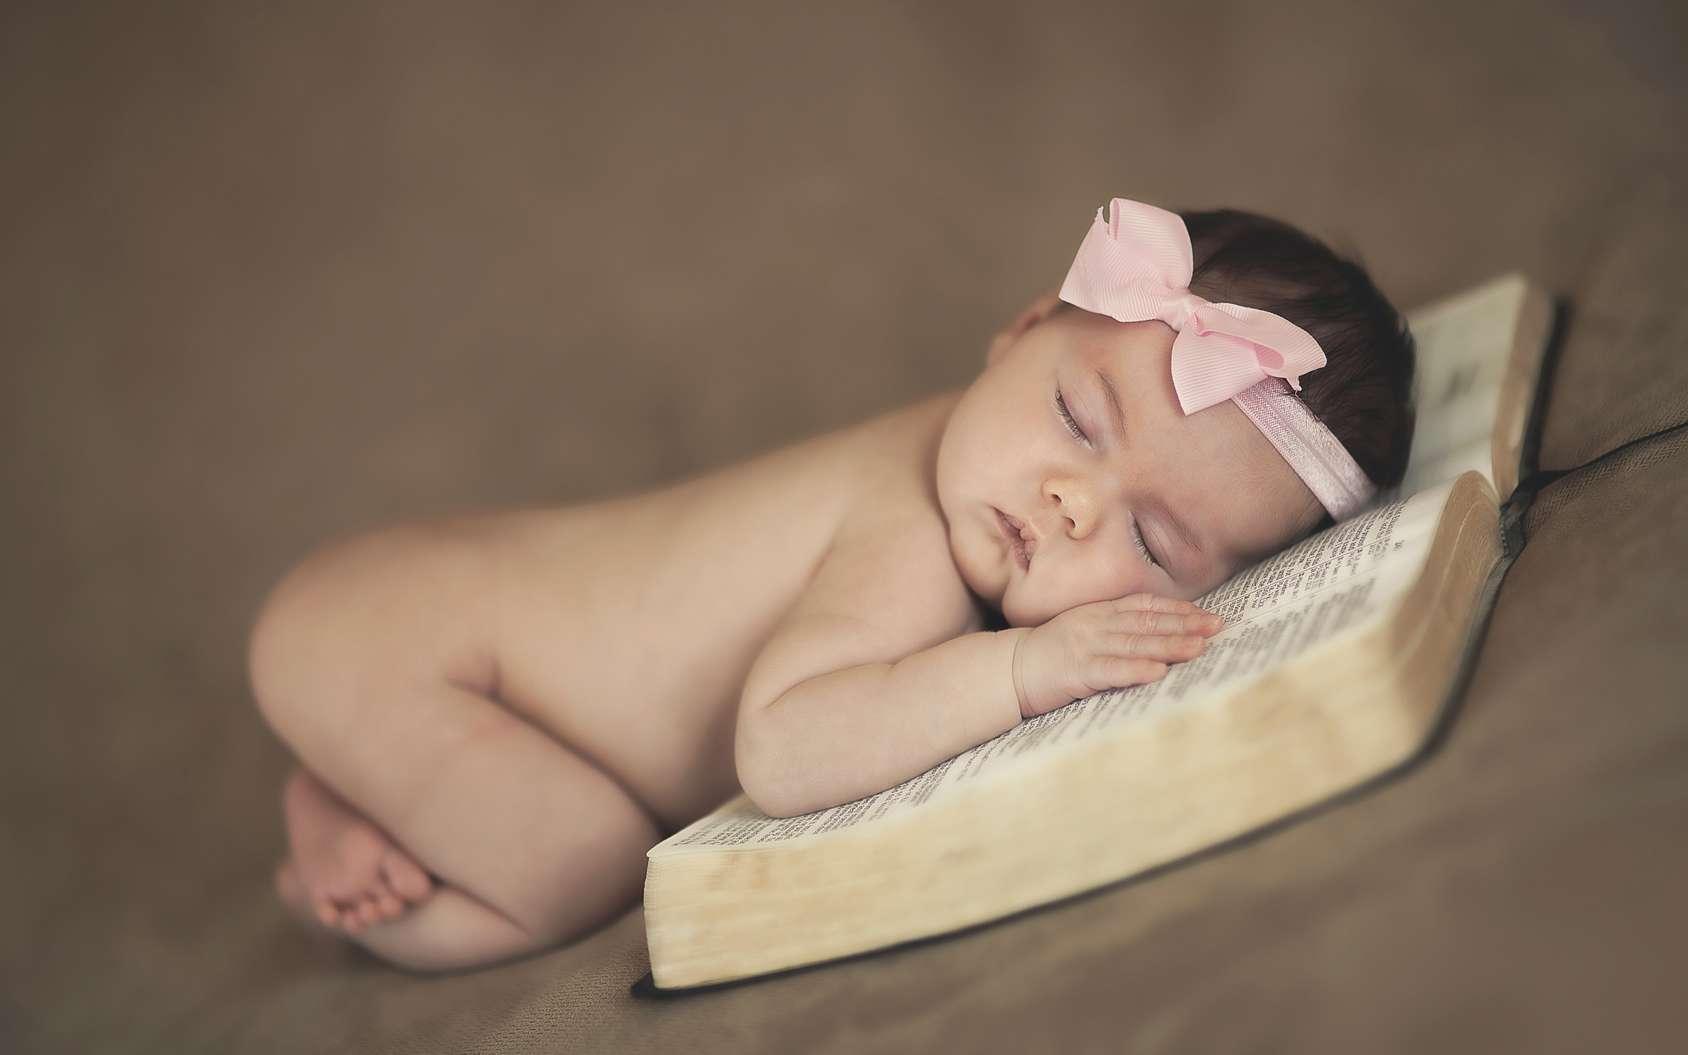 Les bébés naissent avec des capacités qu'il ne tient qu'à eux d'exploiter. © kevron2001, Fotolia